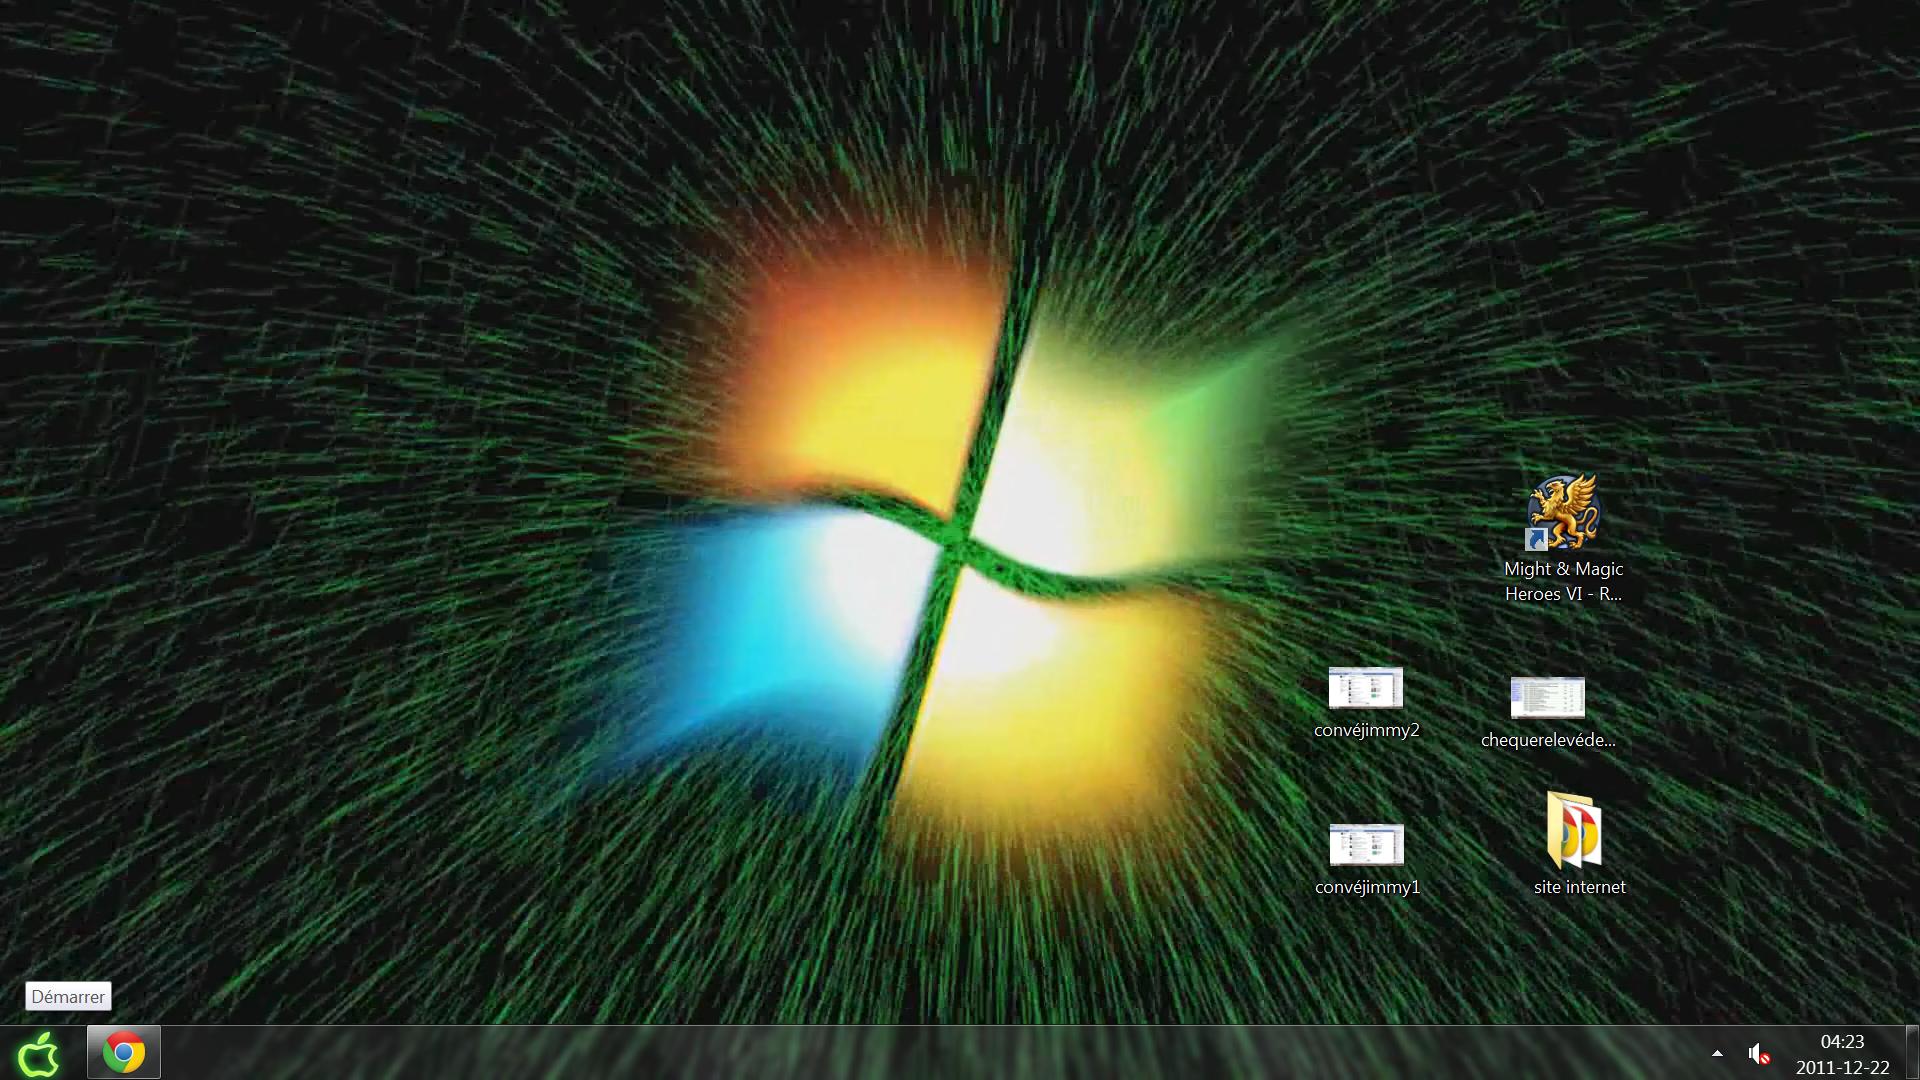 Анимационные Обои Для Рабочего Стола Windows 7